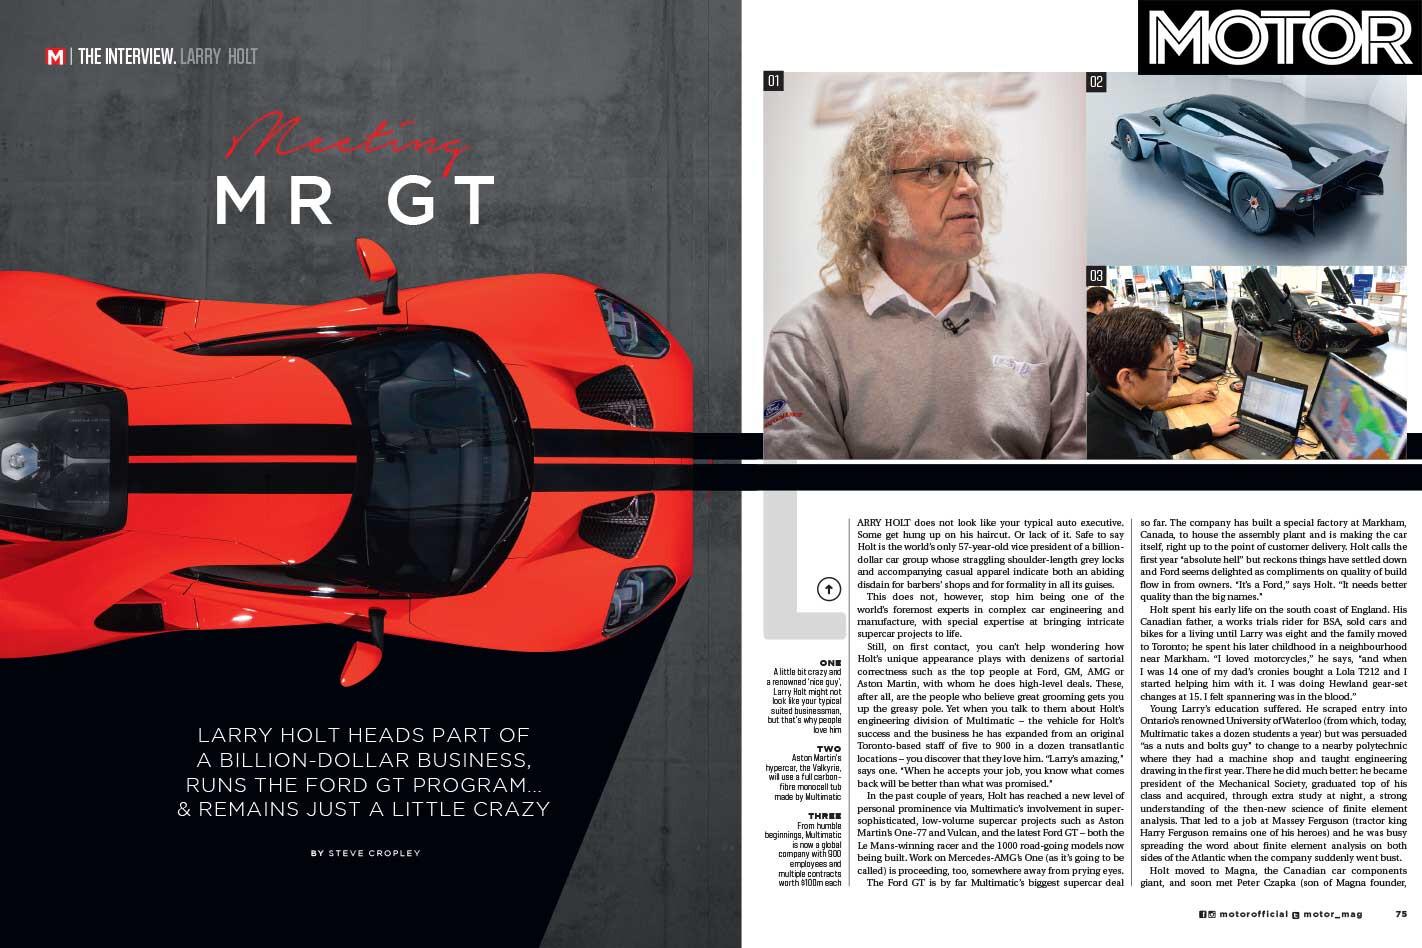 MOTOR Magazine November 2018 Ford GT Jpg